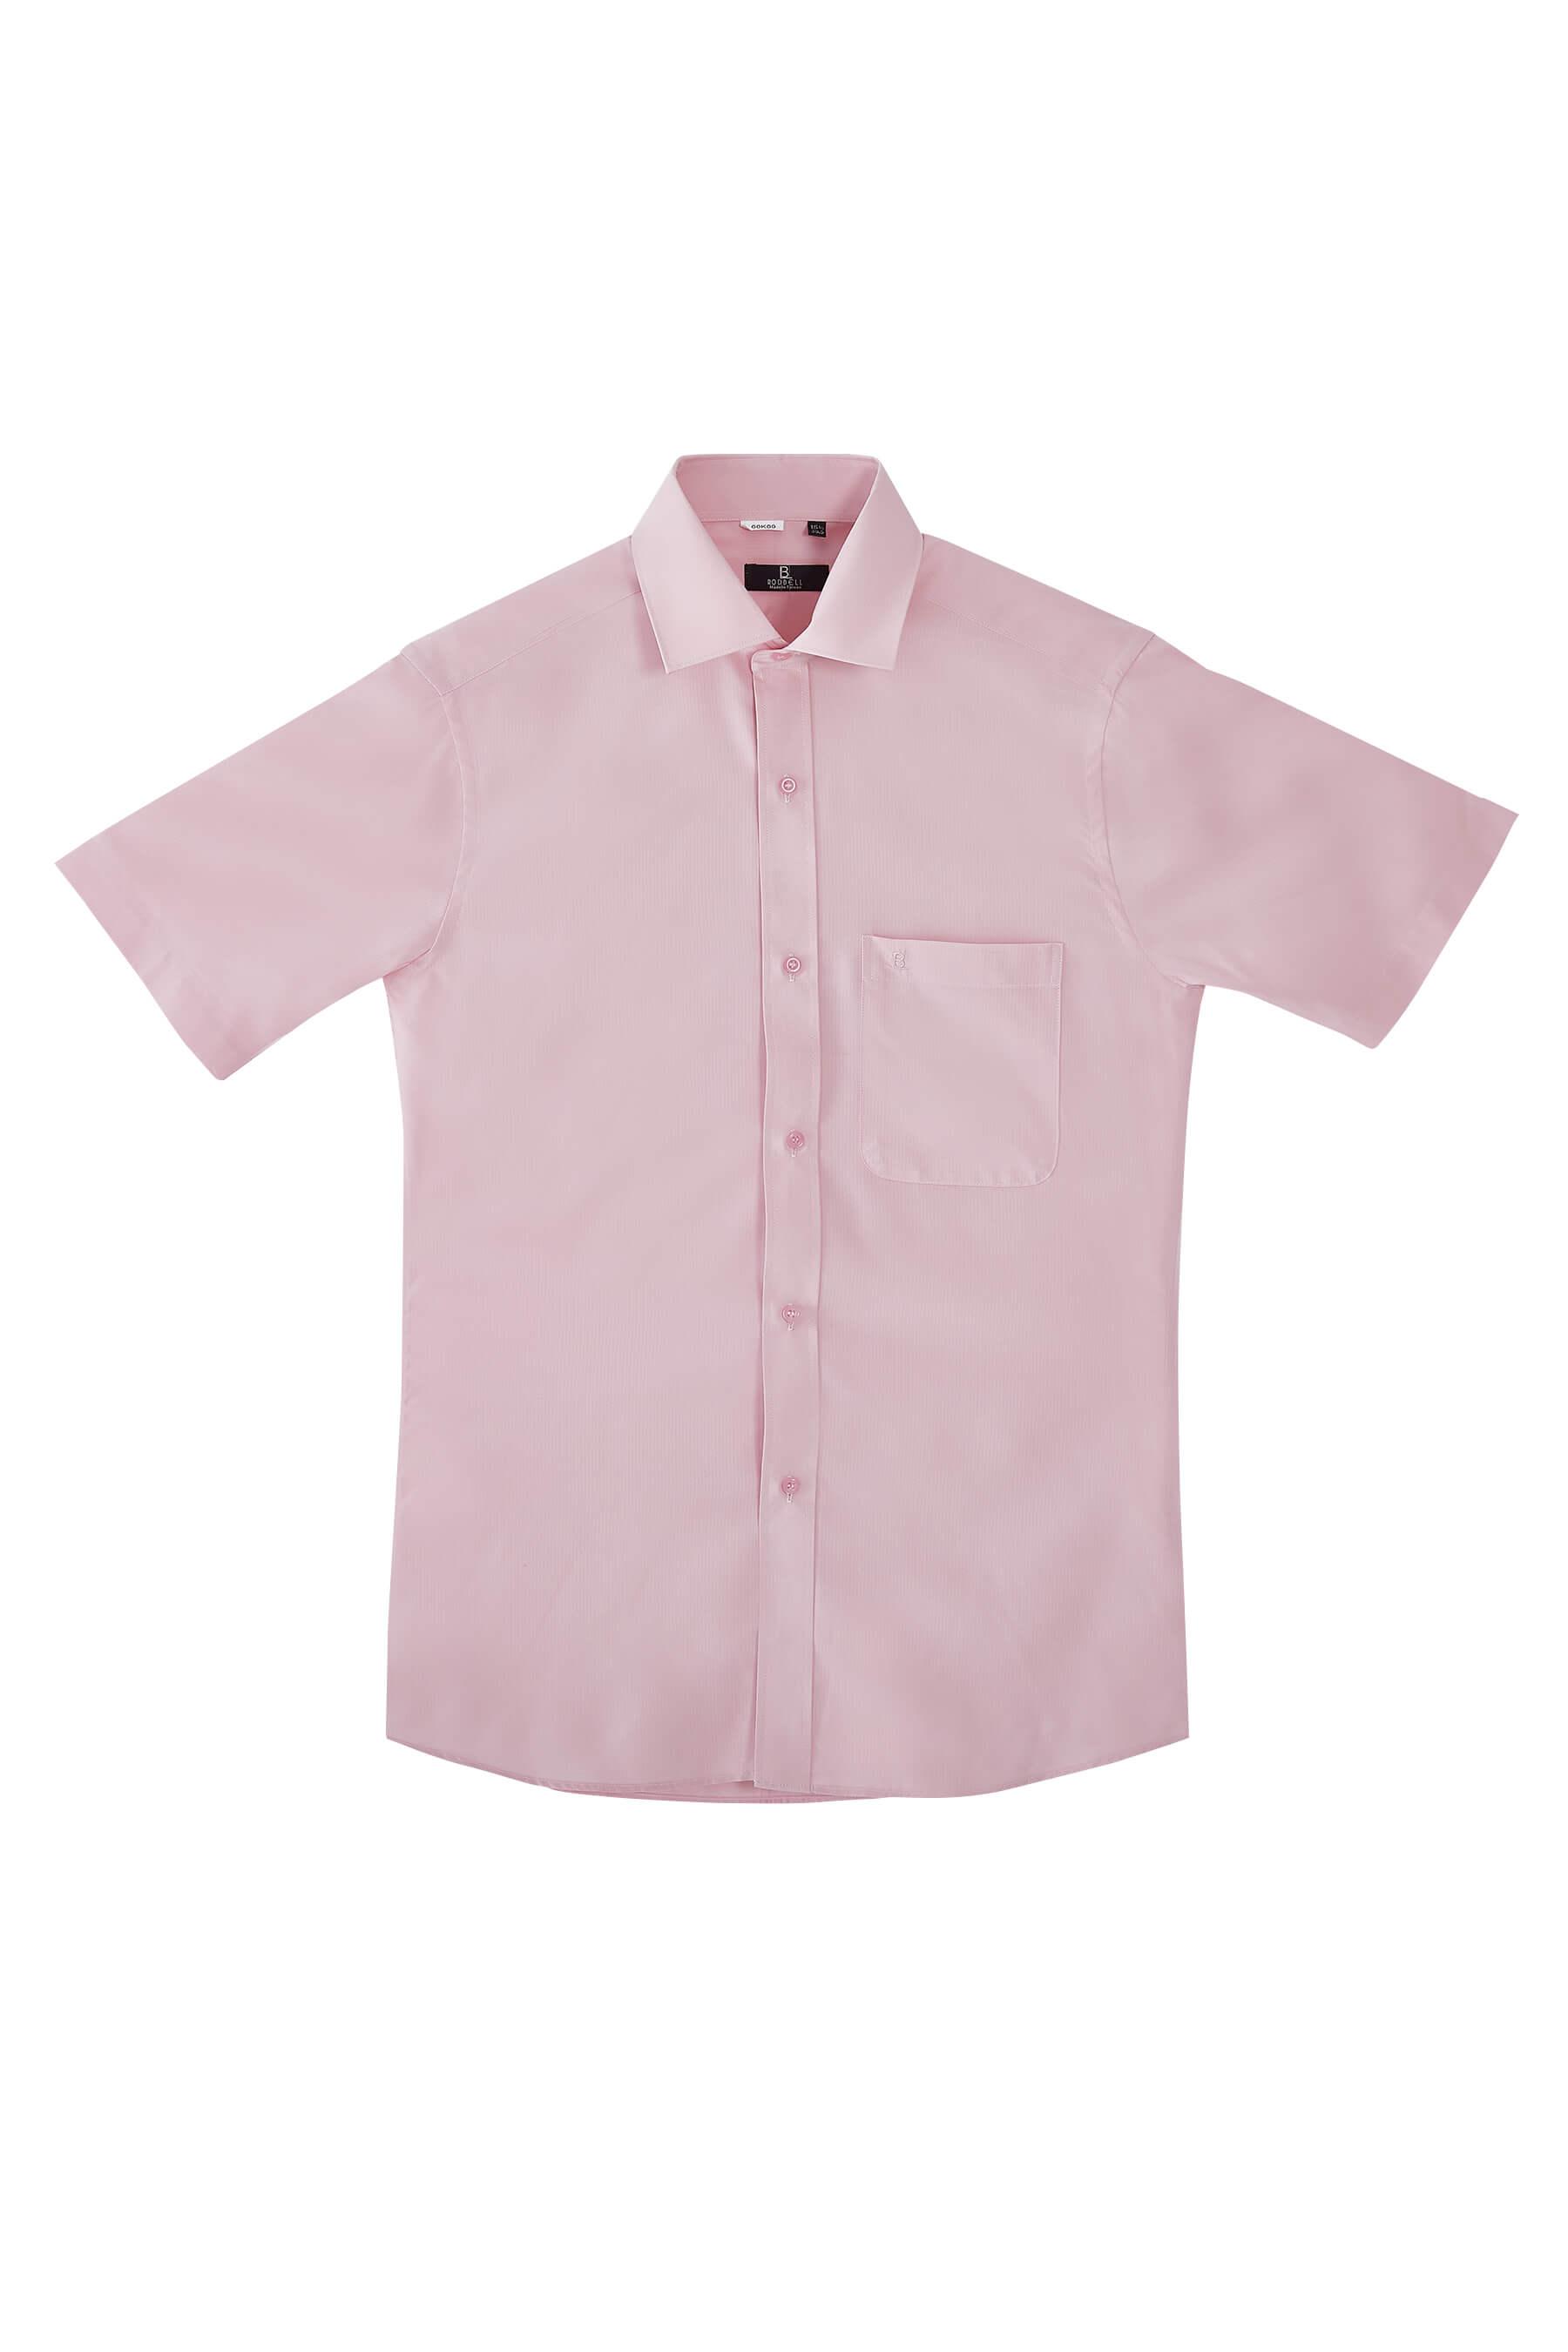 淺橘色緹花短袖襯衫/抗皺 吸濕排汗